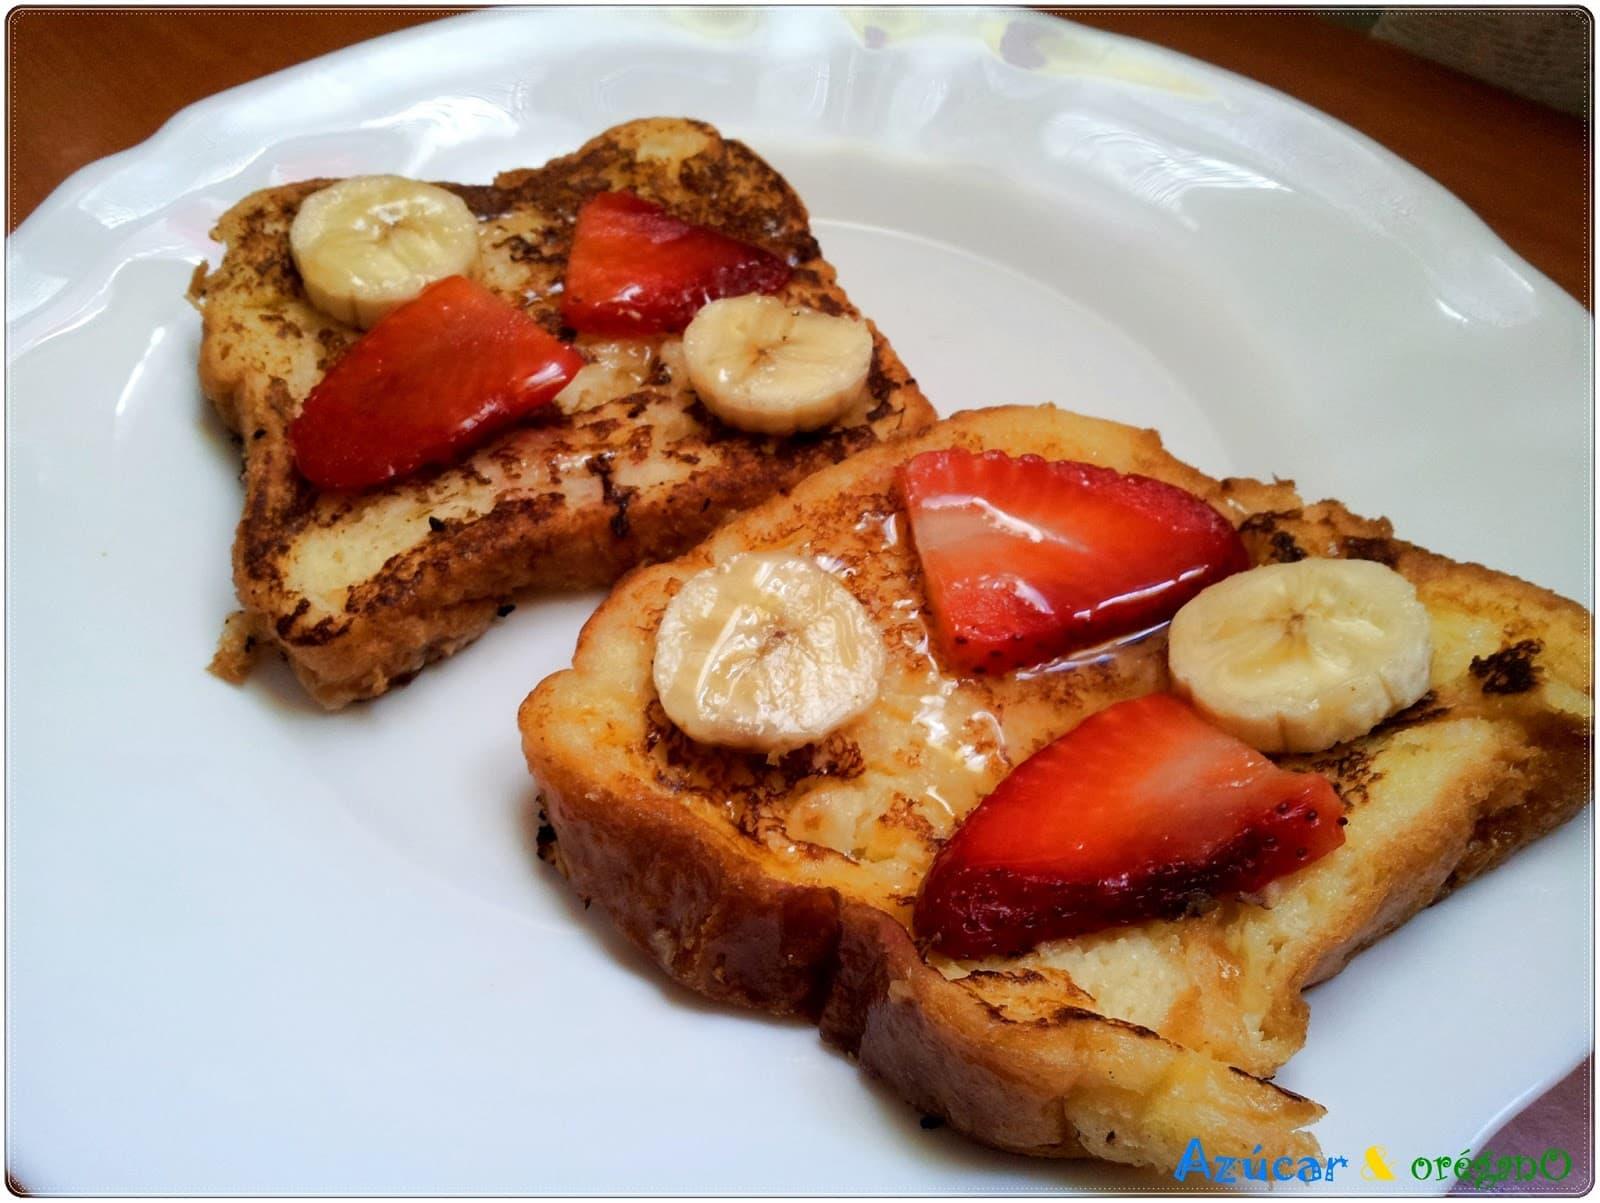 Comidas saludables para bajar de peso yahoo dating 1